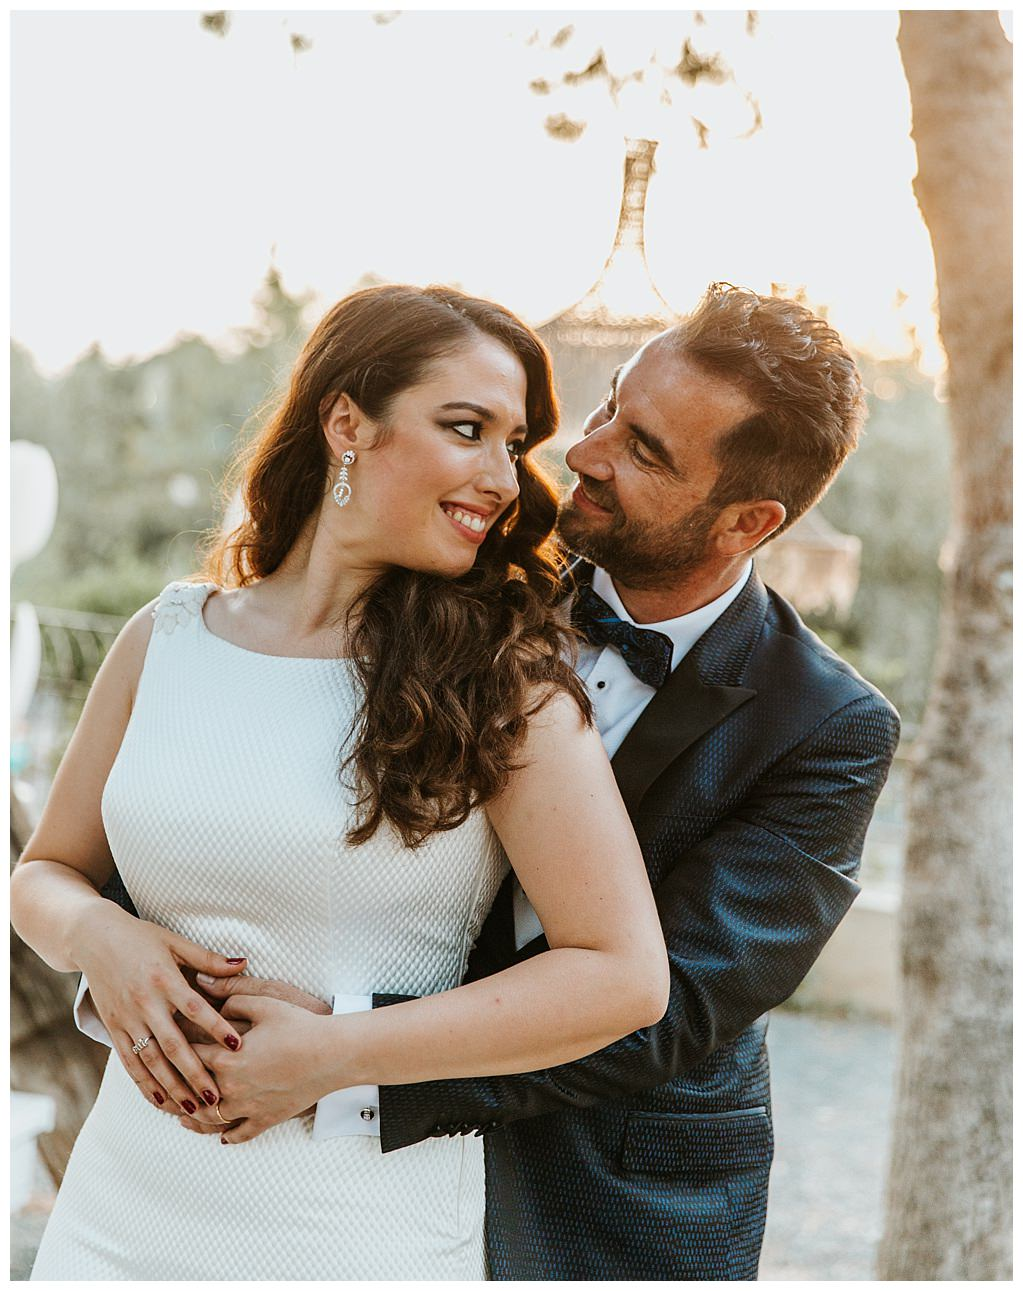 hort-kalausi-fotografos-boda-finca-elche-alicante-murcia_0085